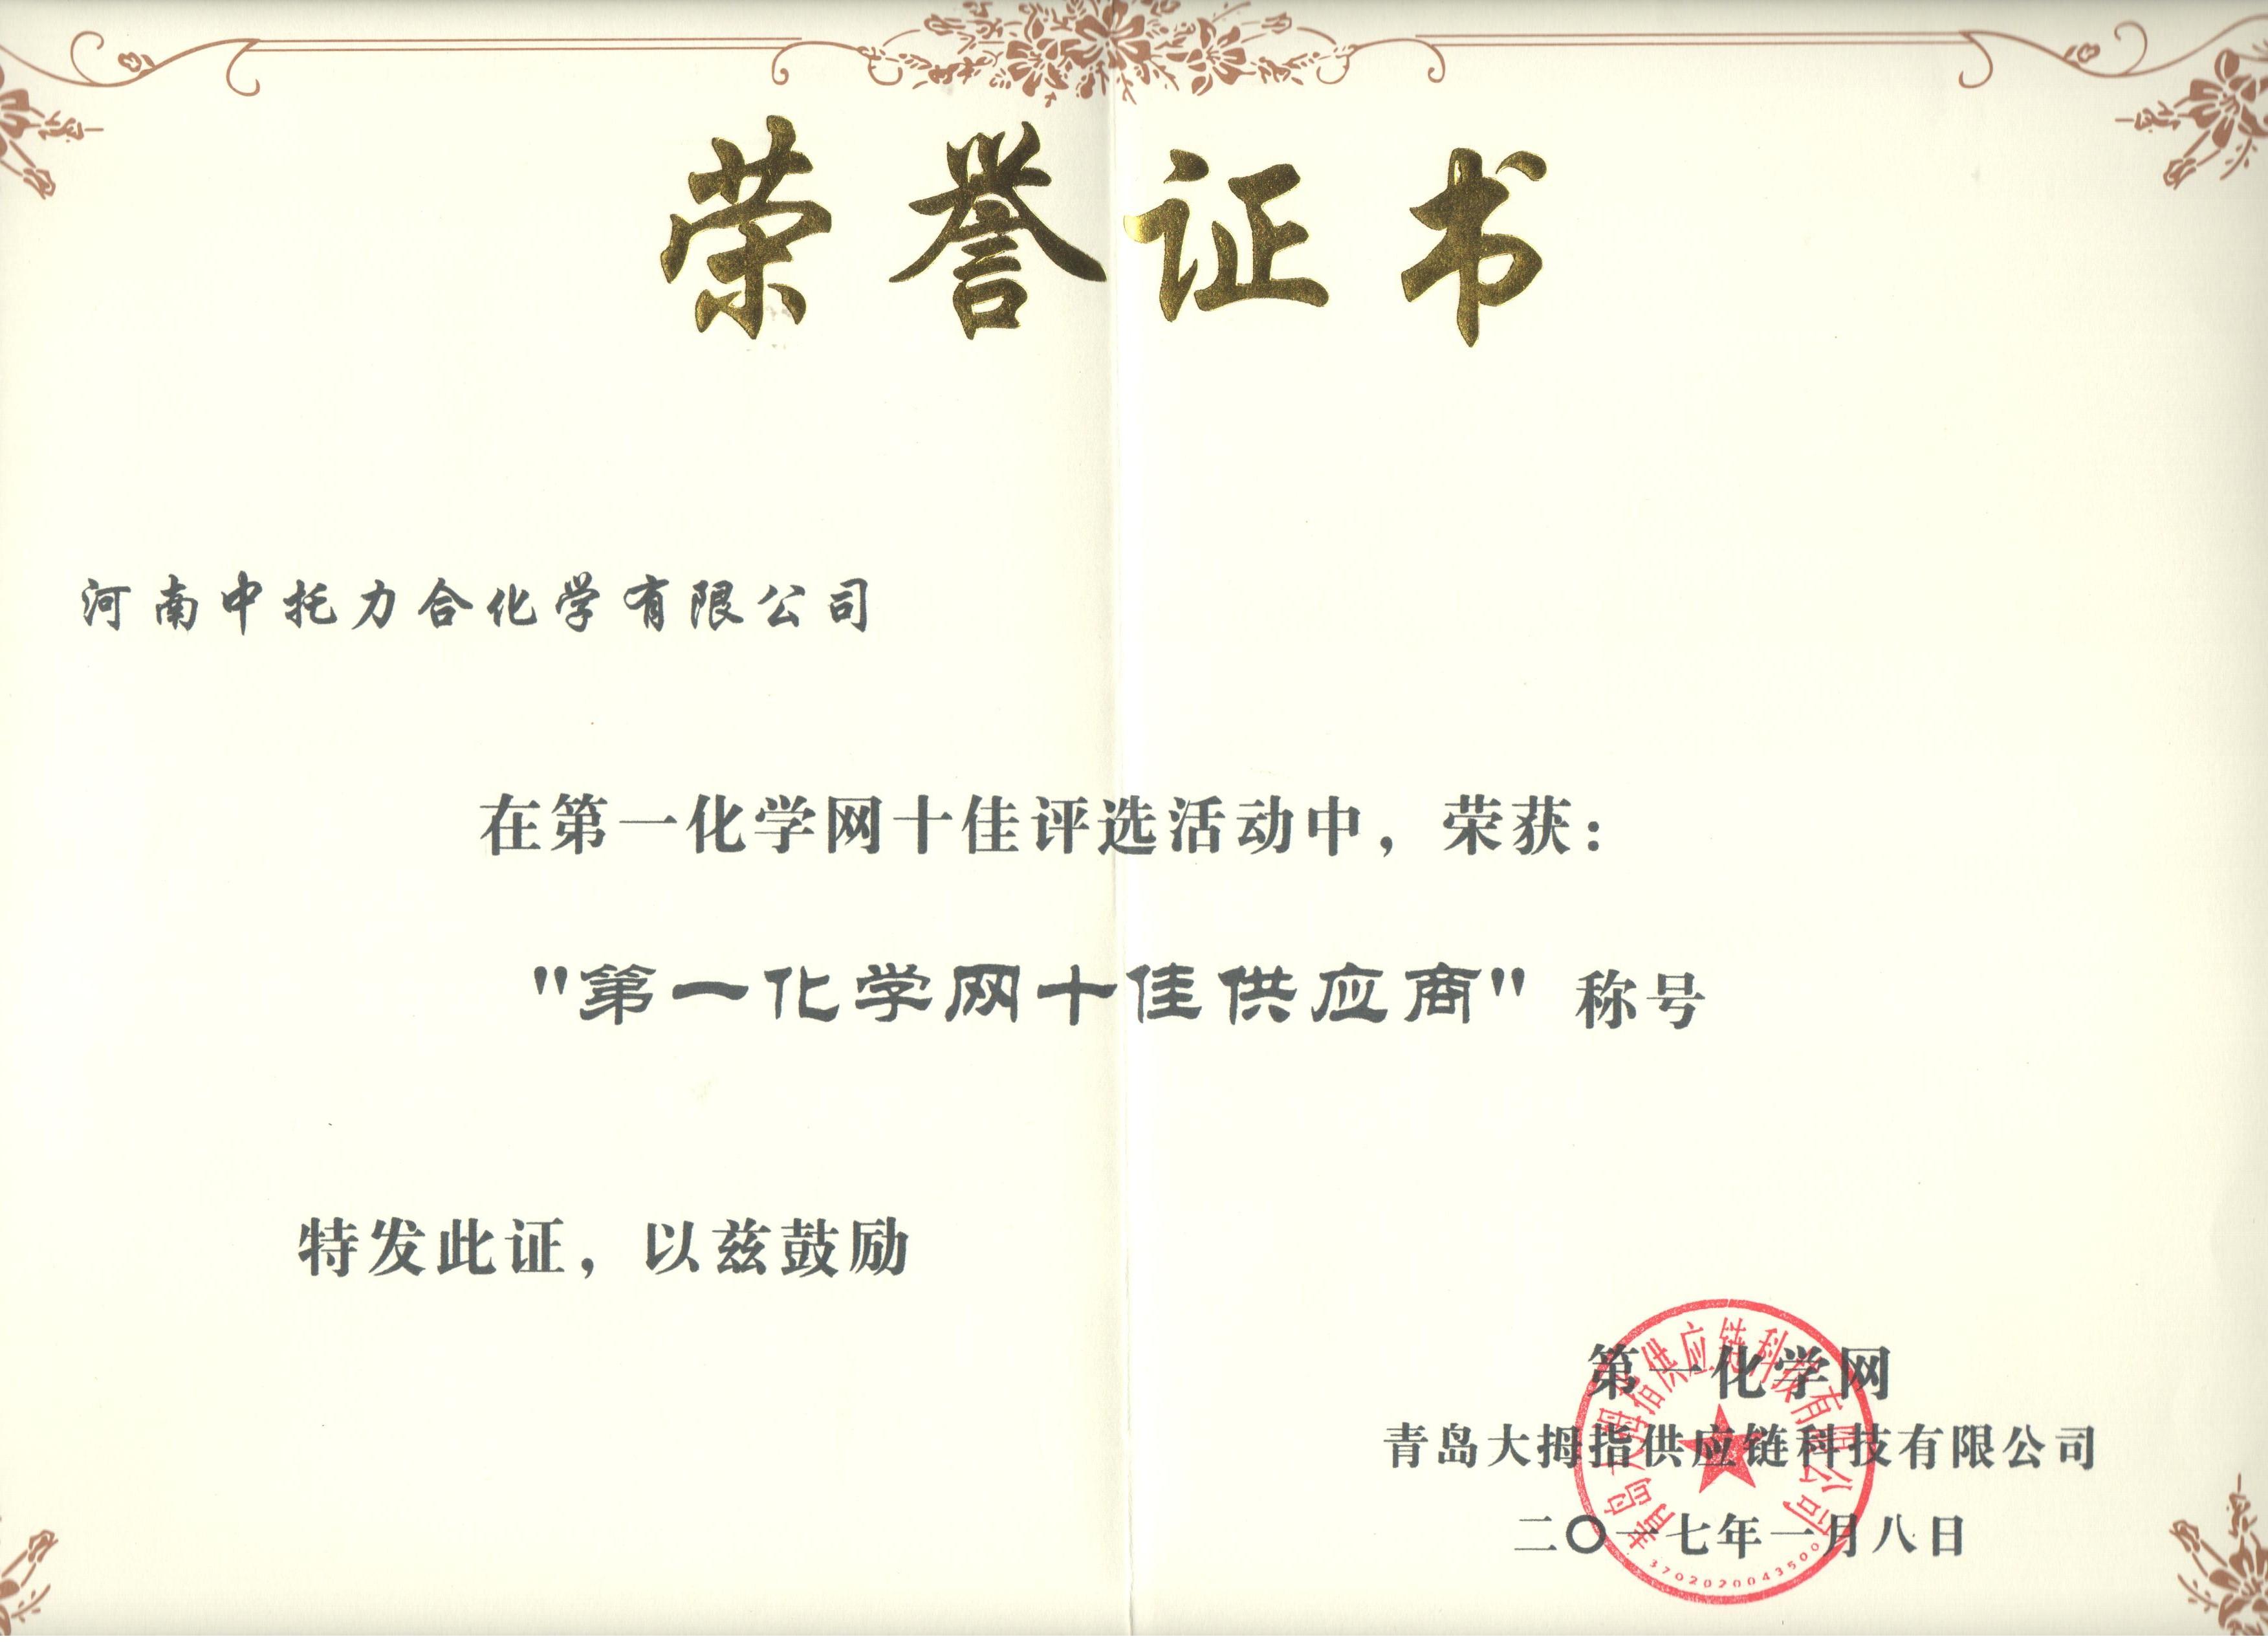 第一化学网十佳供应商证书